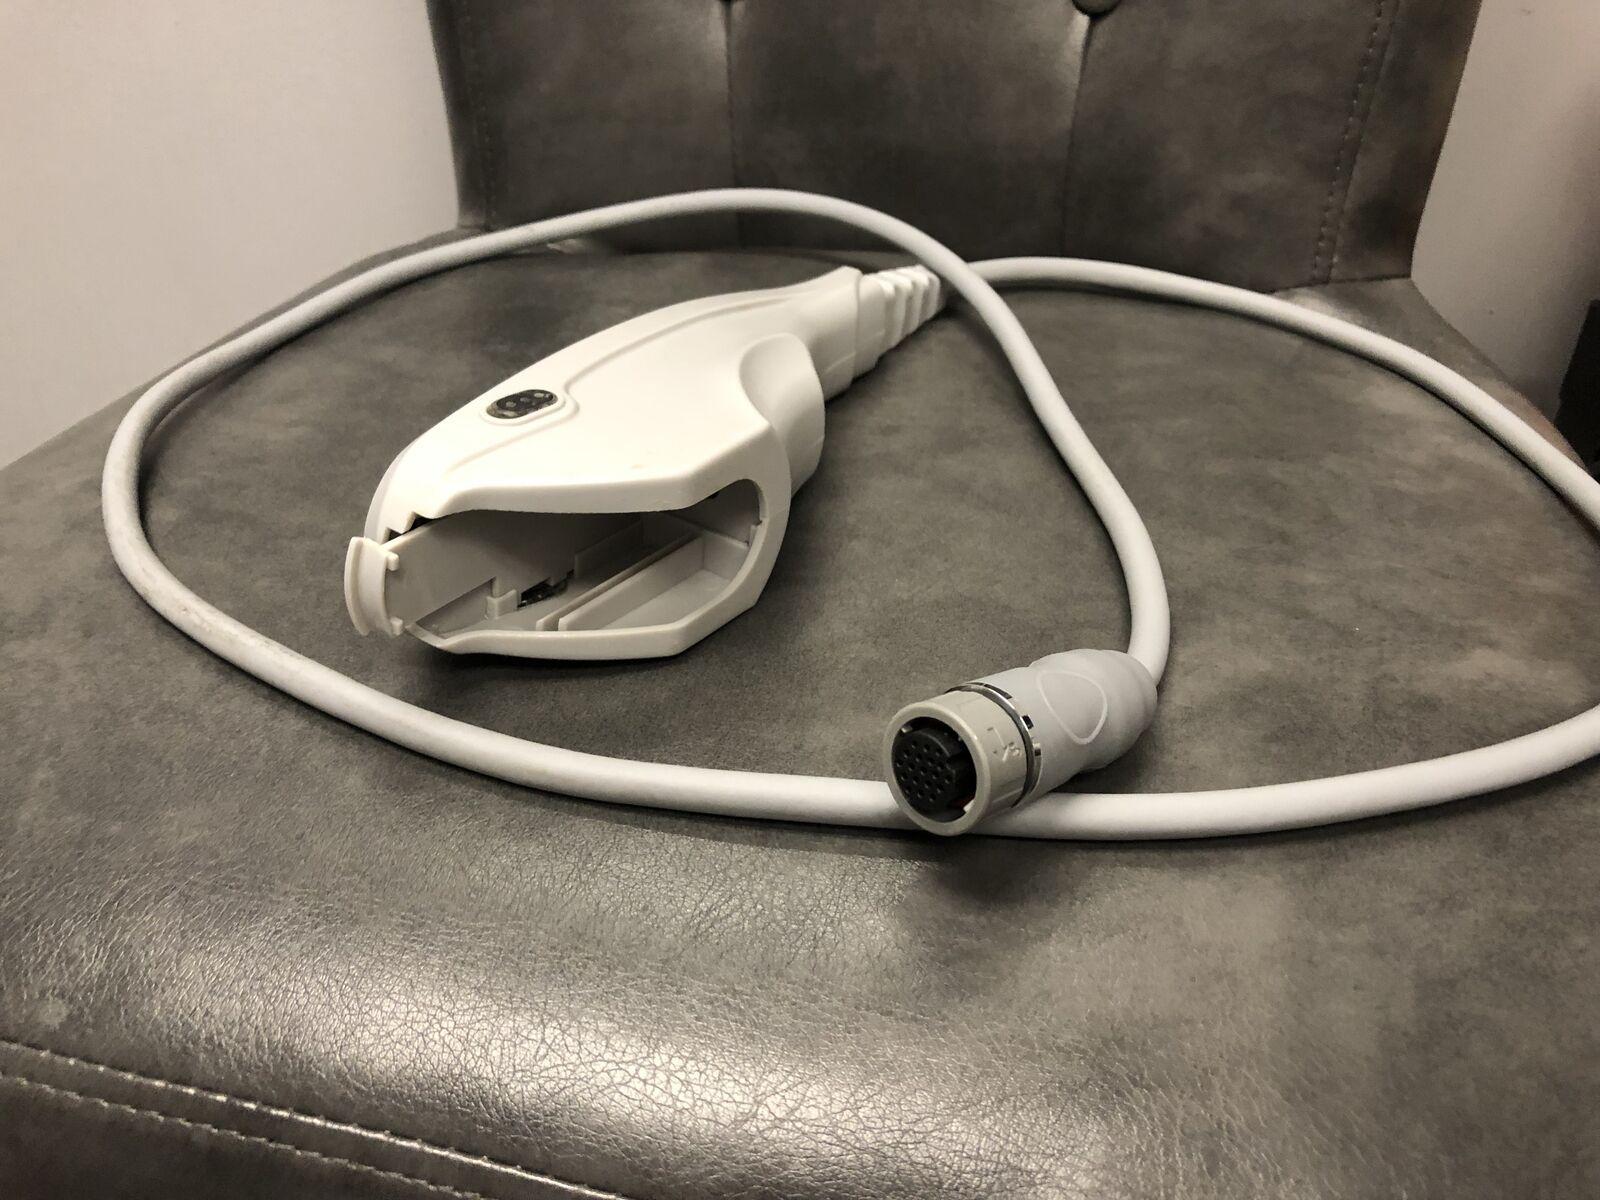 Hifu Ручка для портативных высокоинтенсивного сфокусированного ультразвука Ультразвуковой лифтинг лица для удаления морщин машина HIFU тела похудение оборудование